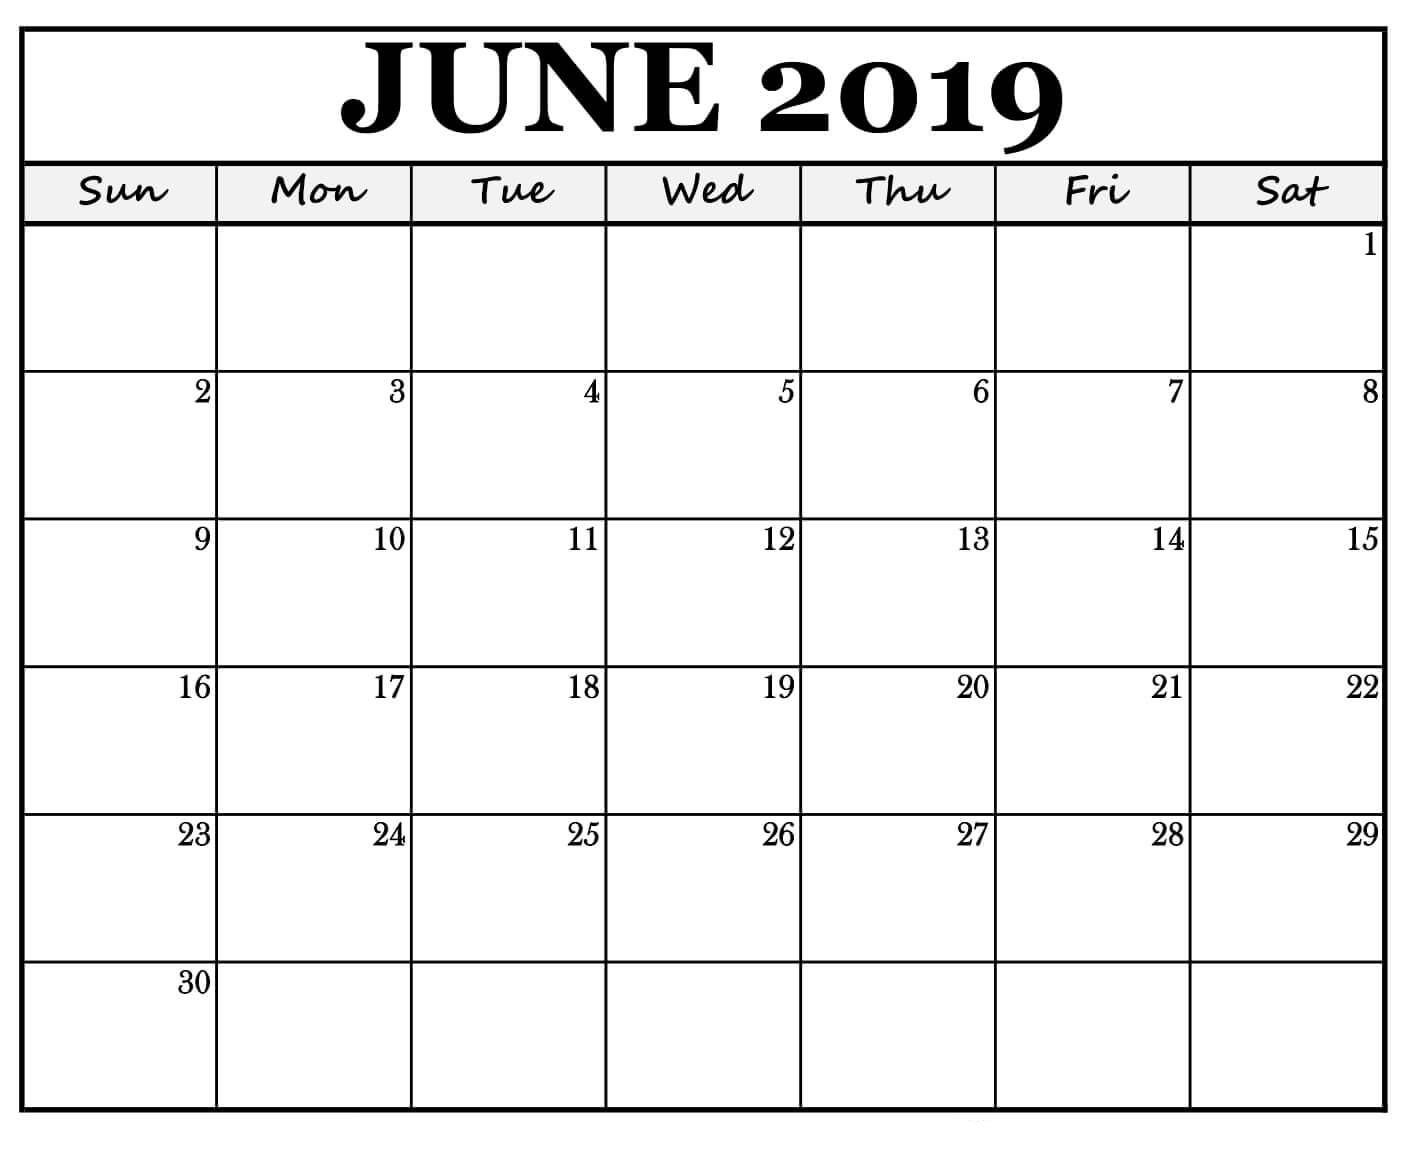 Waterproof June 2019 Calendar Wallpaper For Desktop Iphone